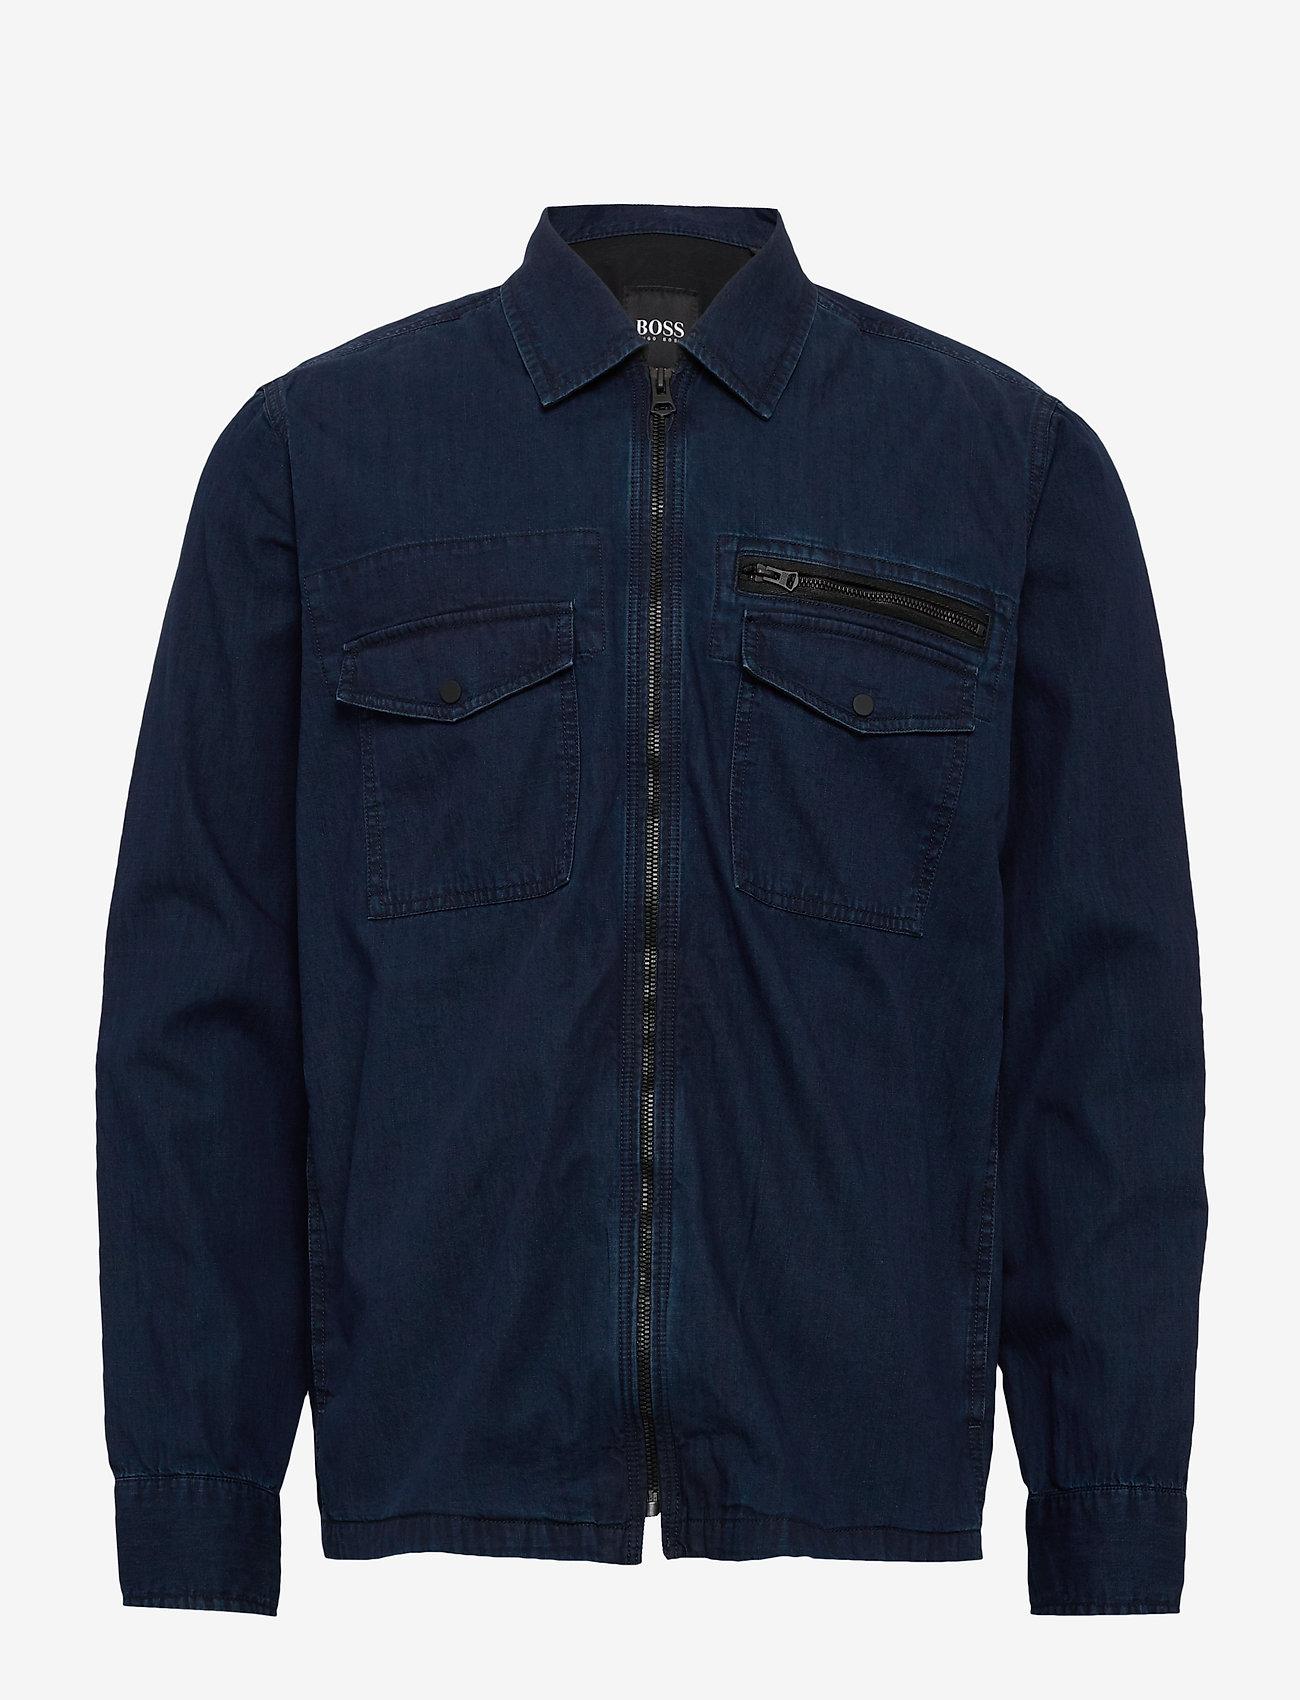 BOSS - Lovel-zip_3 - denimjakker - dark blue - 1